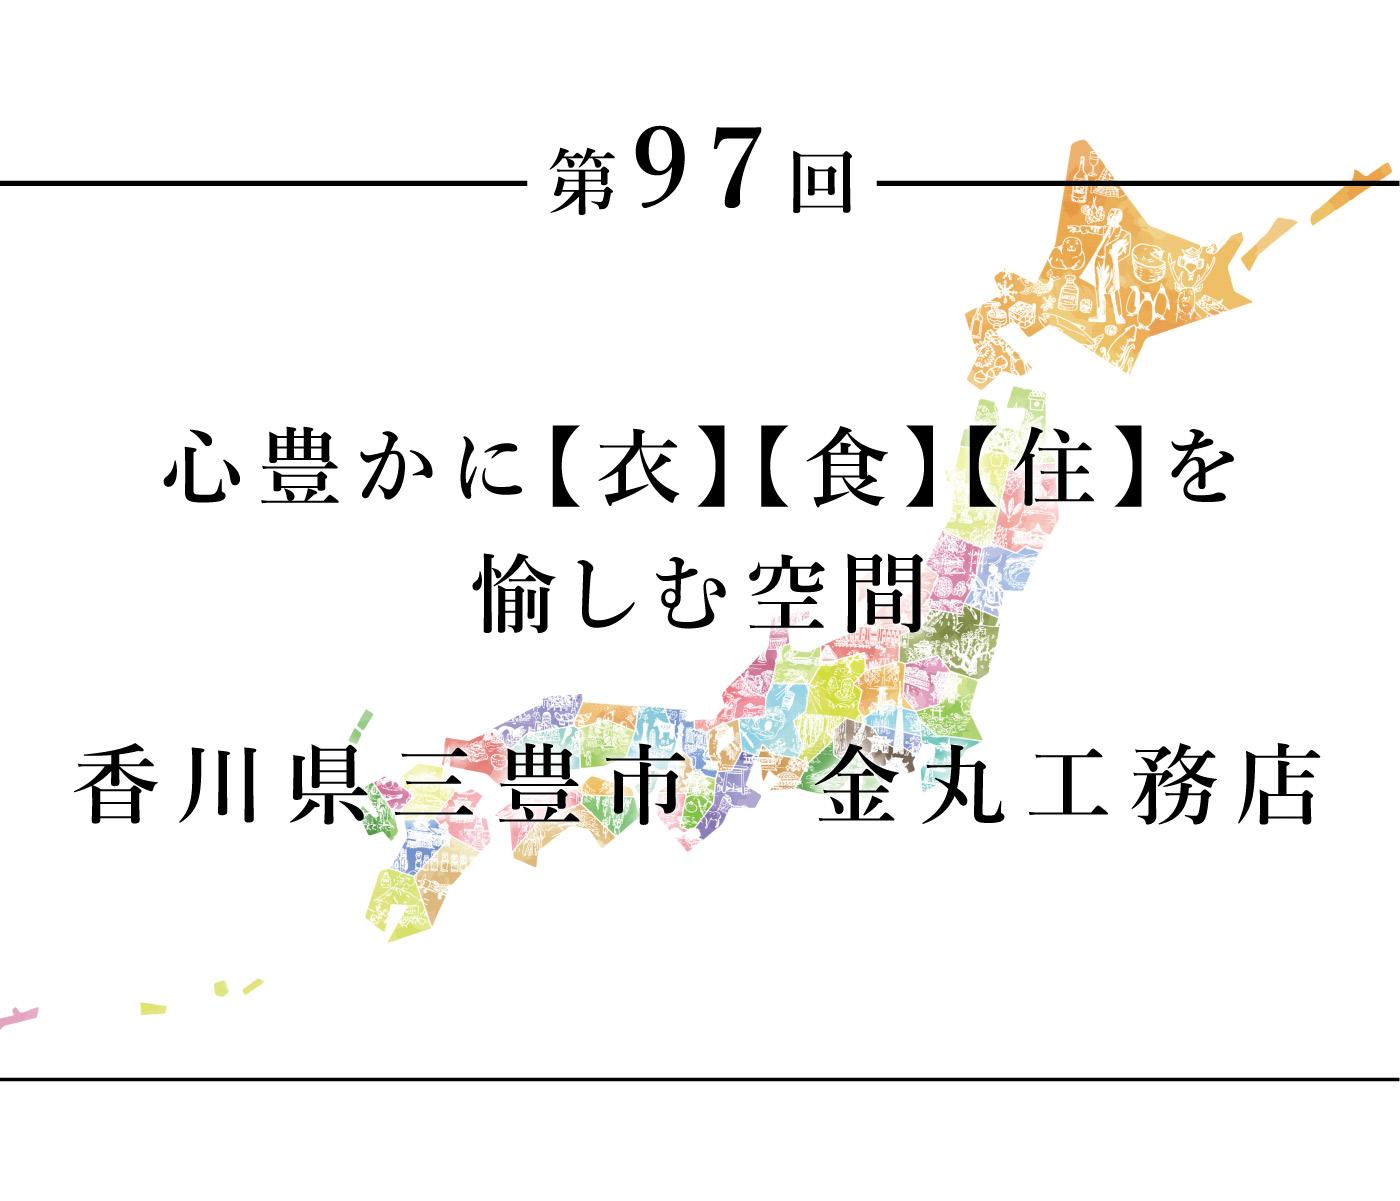 ちいきのたより第97回心豊かに衣食住を愉しむ空間香川県三豊市金丸工務店